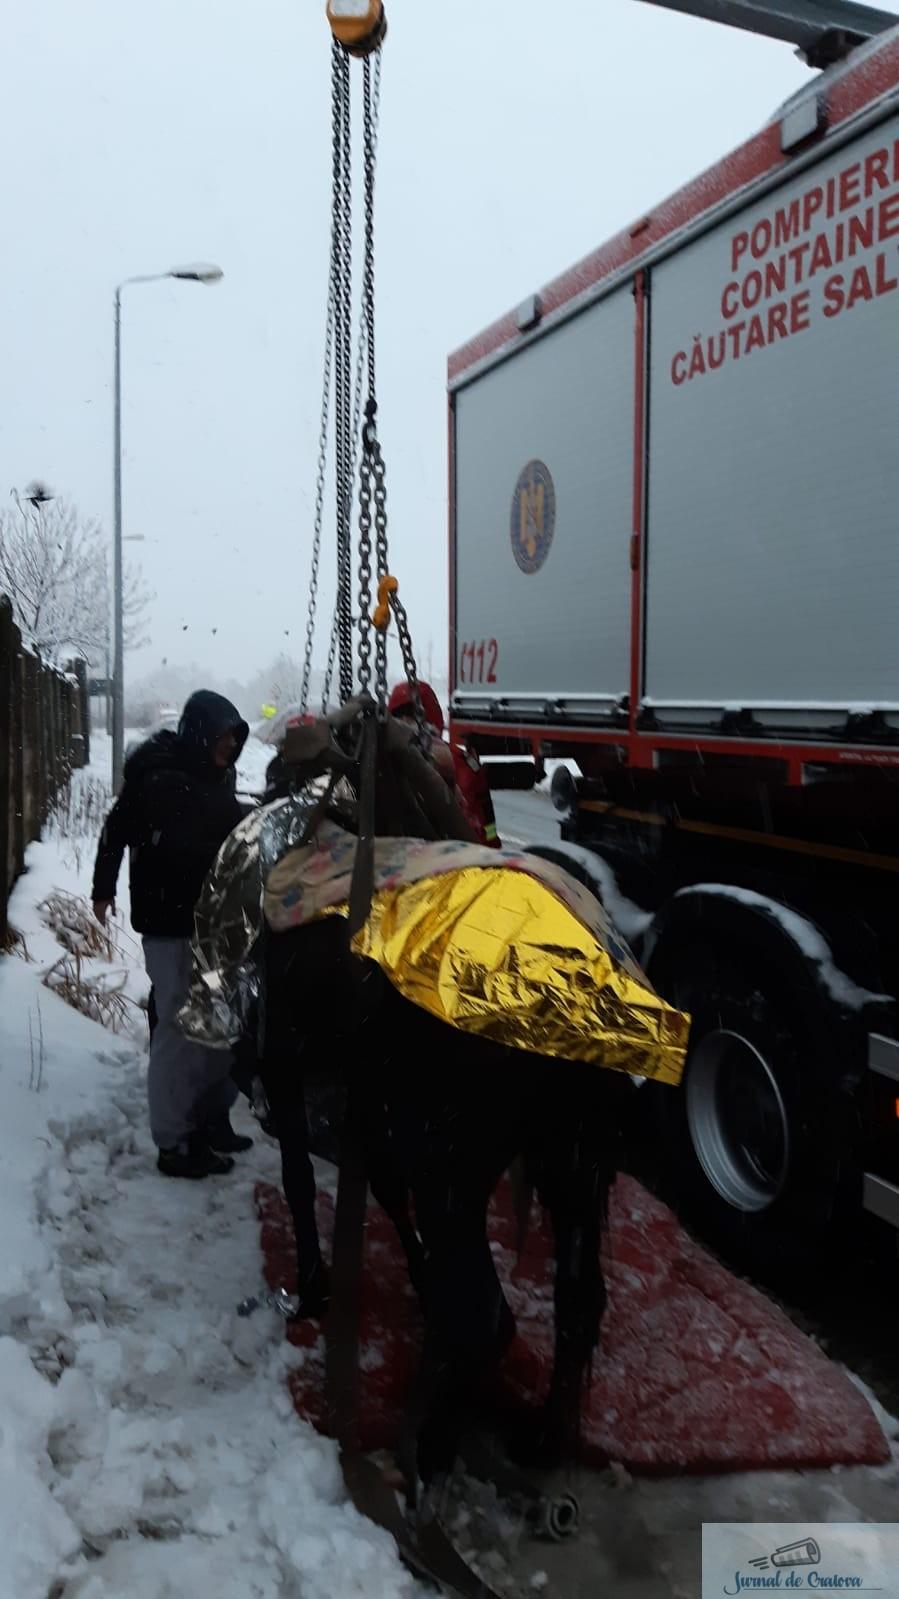 ISU DOLJ : In perioada 15-17.11.2018, echipajele de interventie au fost solicitate la 58 situatii de urgenta 1